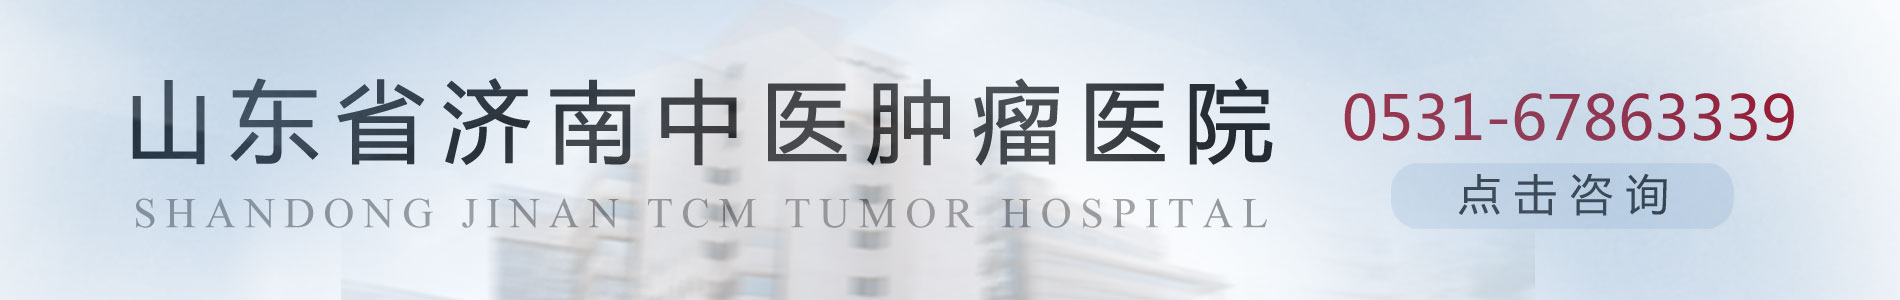 濟南中醫腫瘤醫院